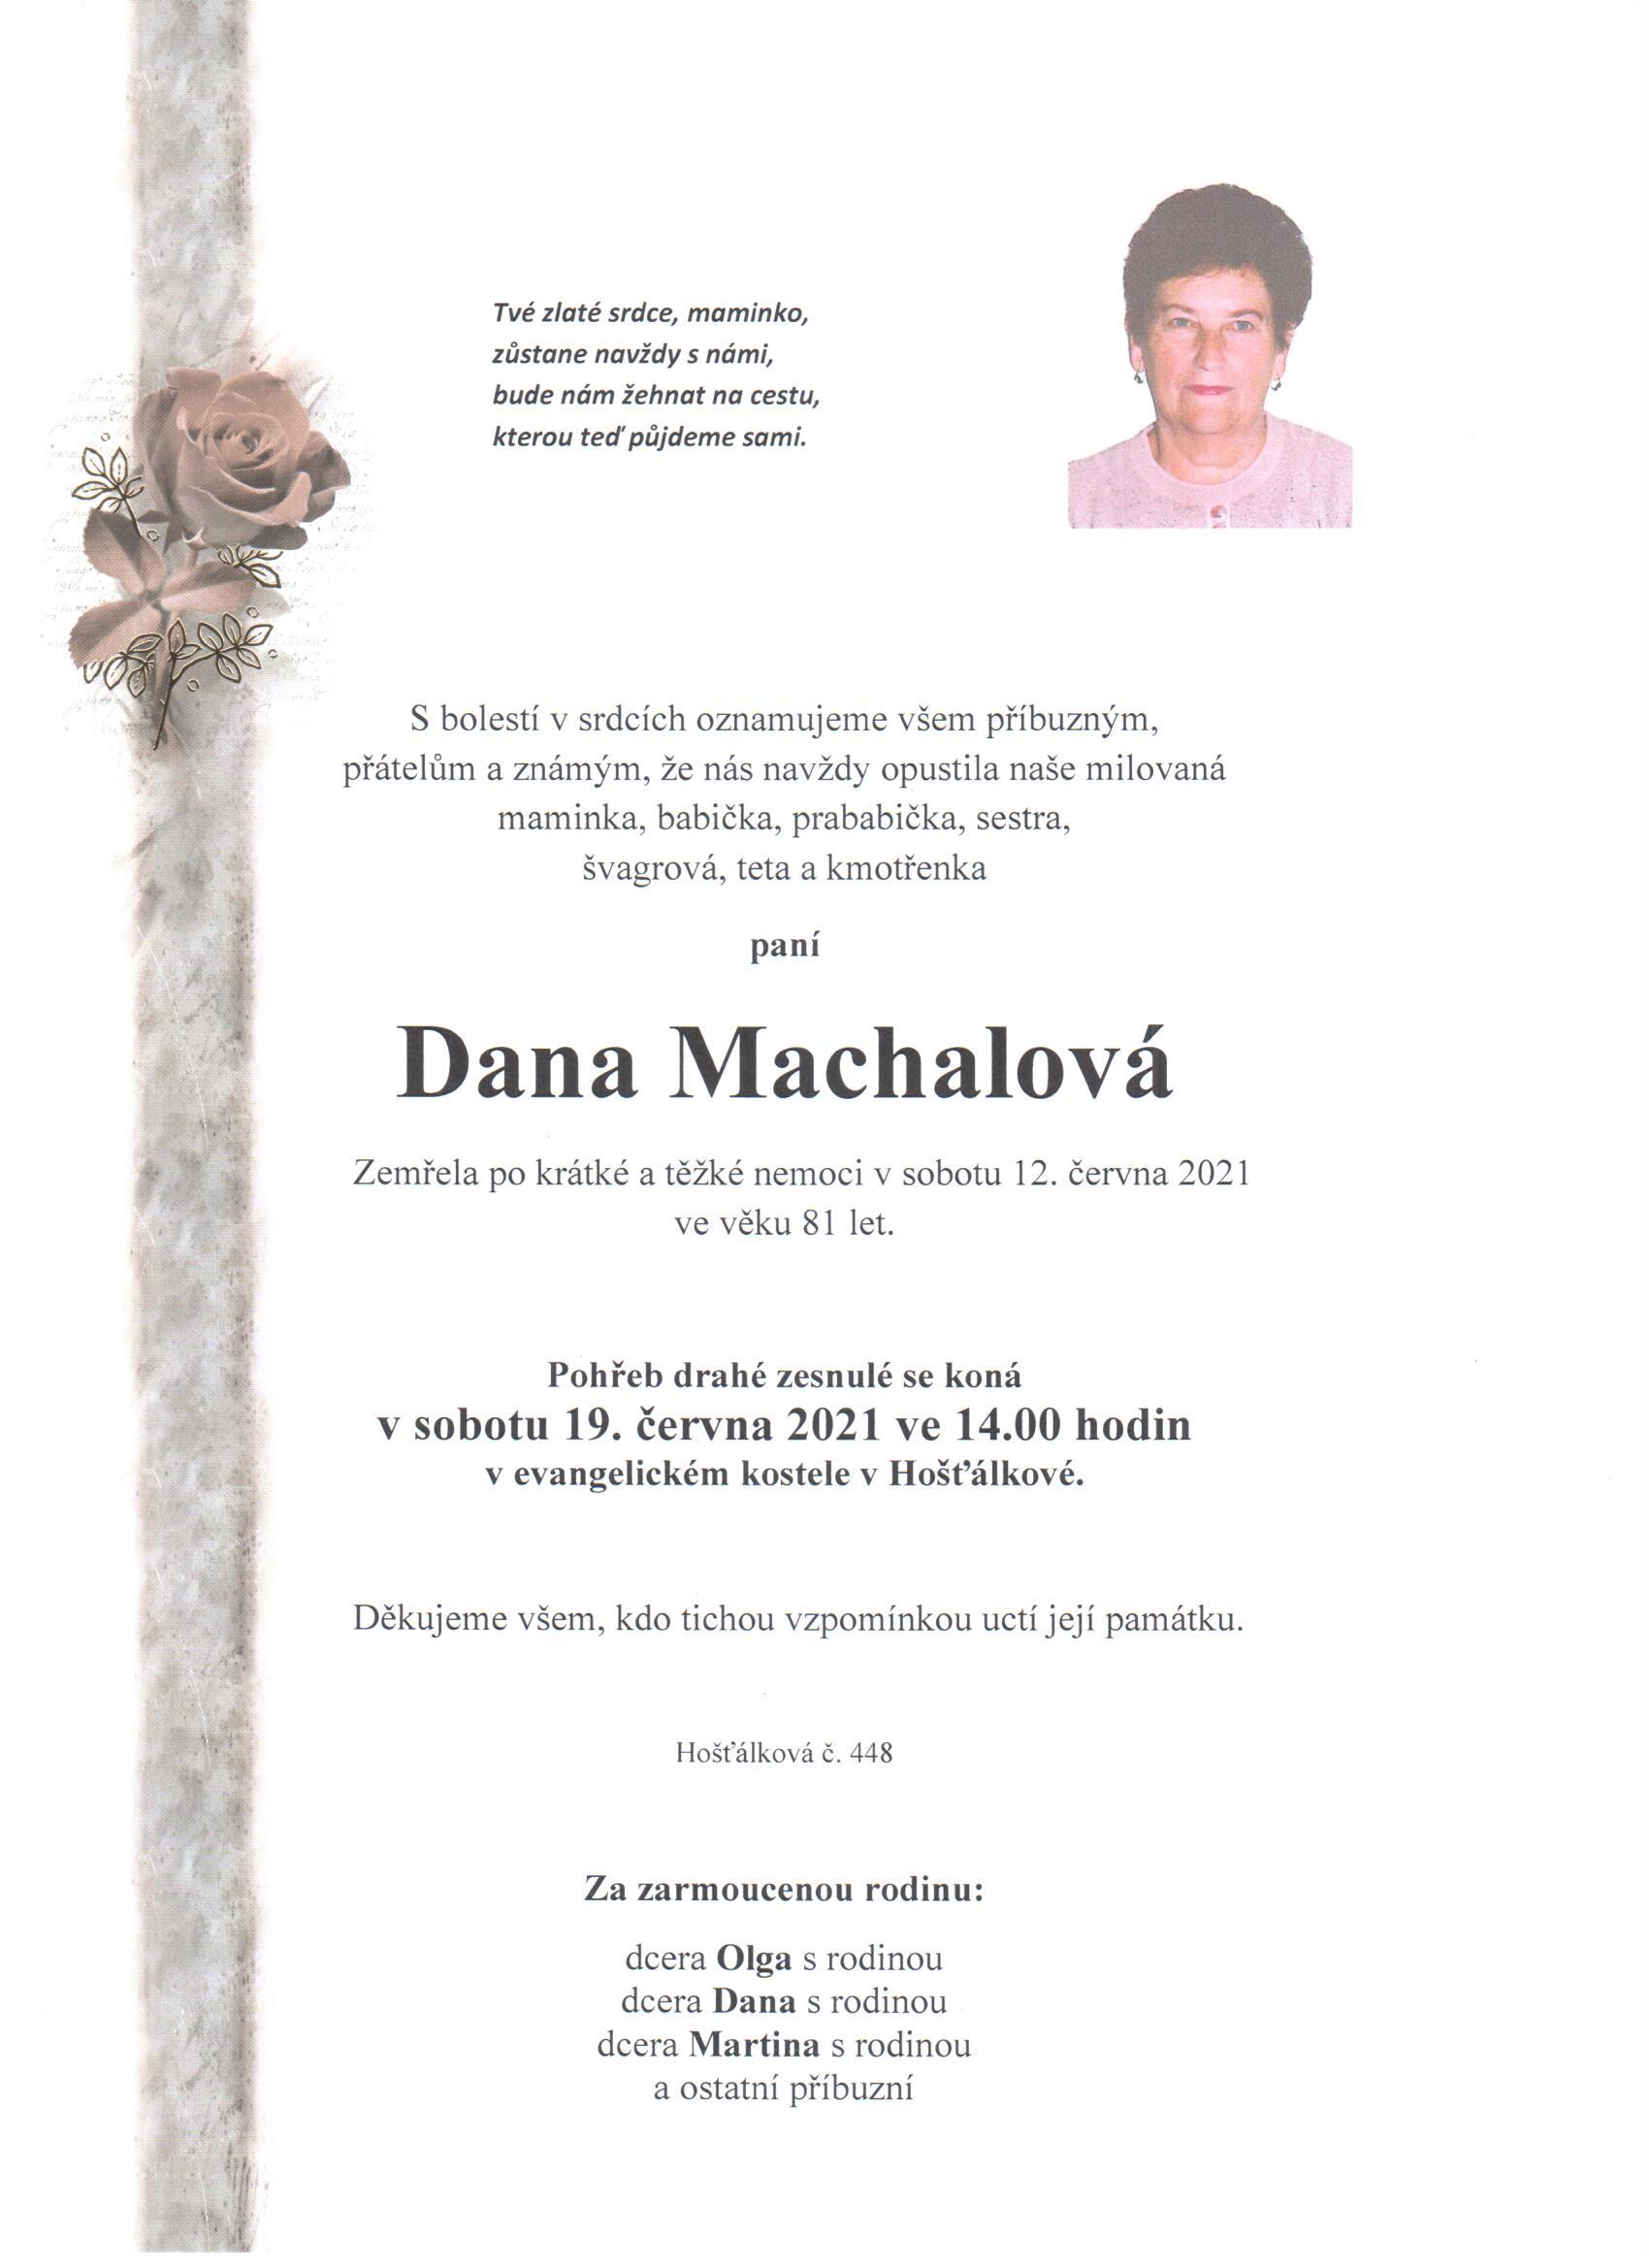 Dana Machalová